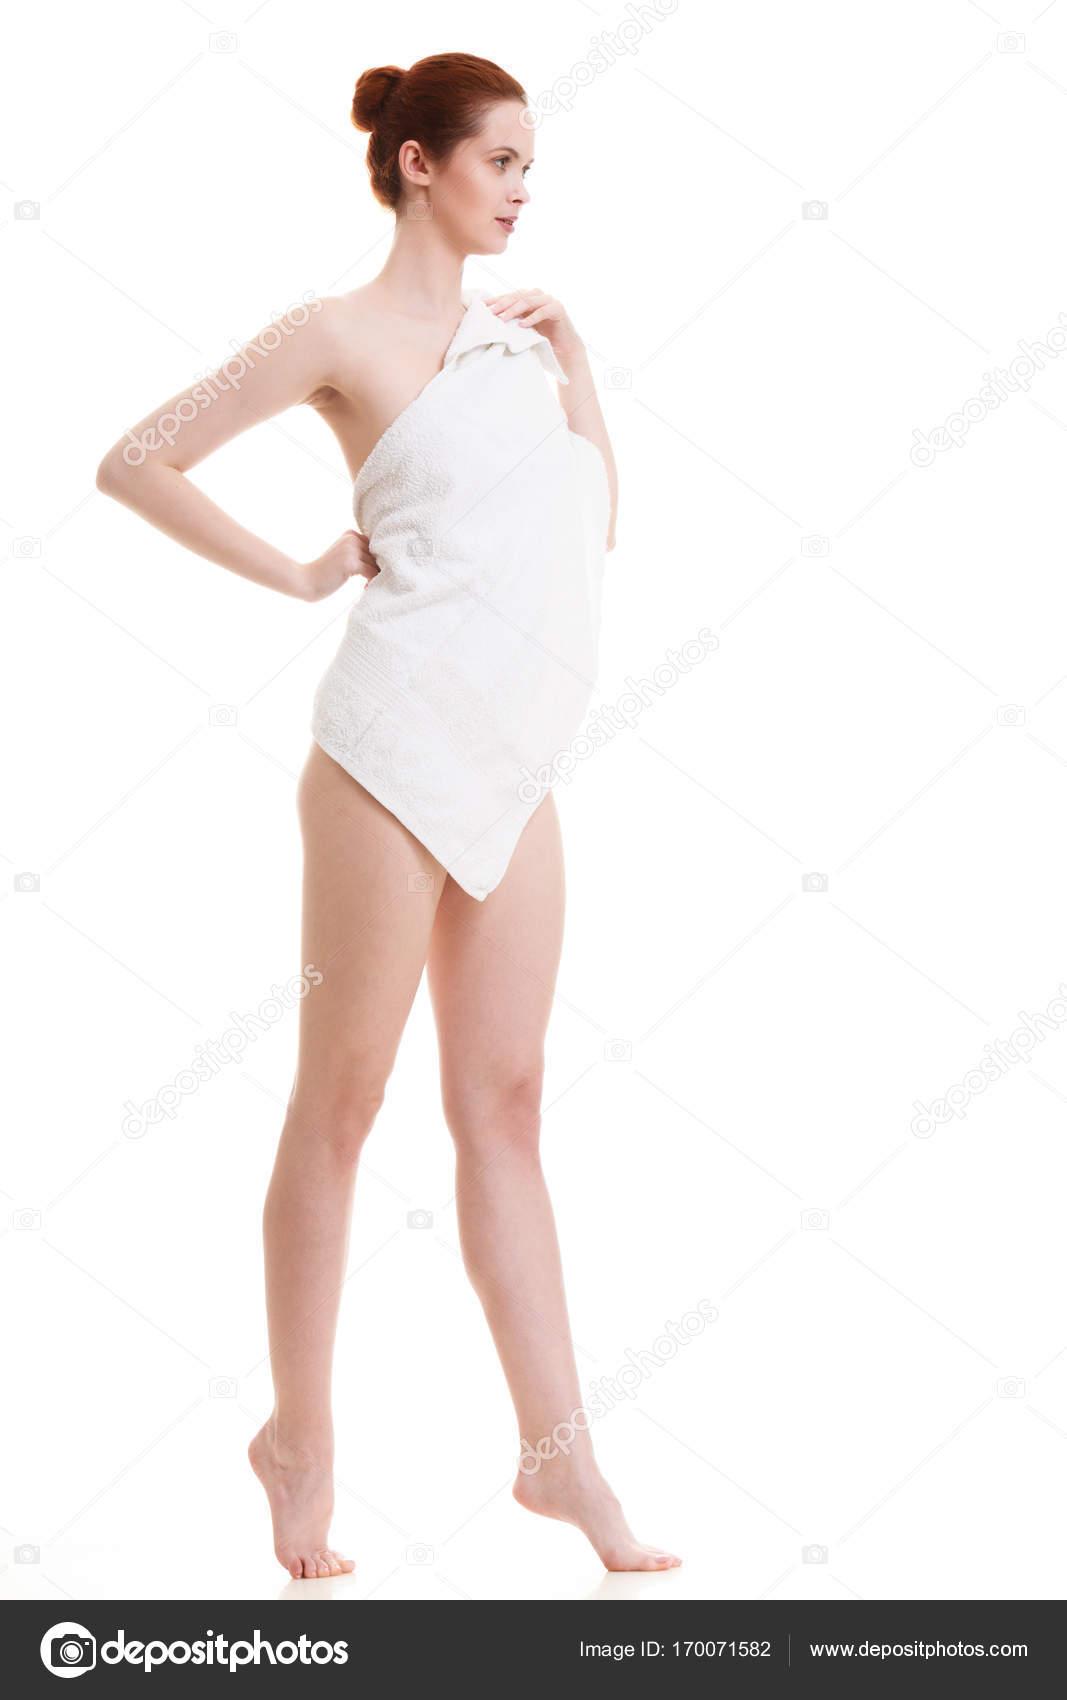 Много девиц голых видеть — означает ложь, мужчине красивую голую женщину видеть — означает много радости и удачу, старуху голую — к печали, отчаянию, мужчине мужчину голого видеть — означает открыть тайну.